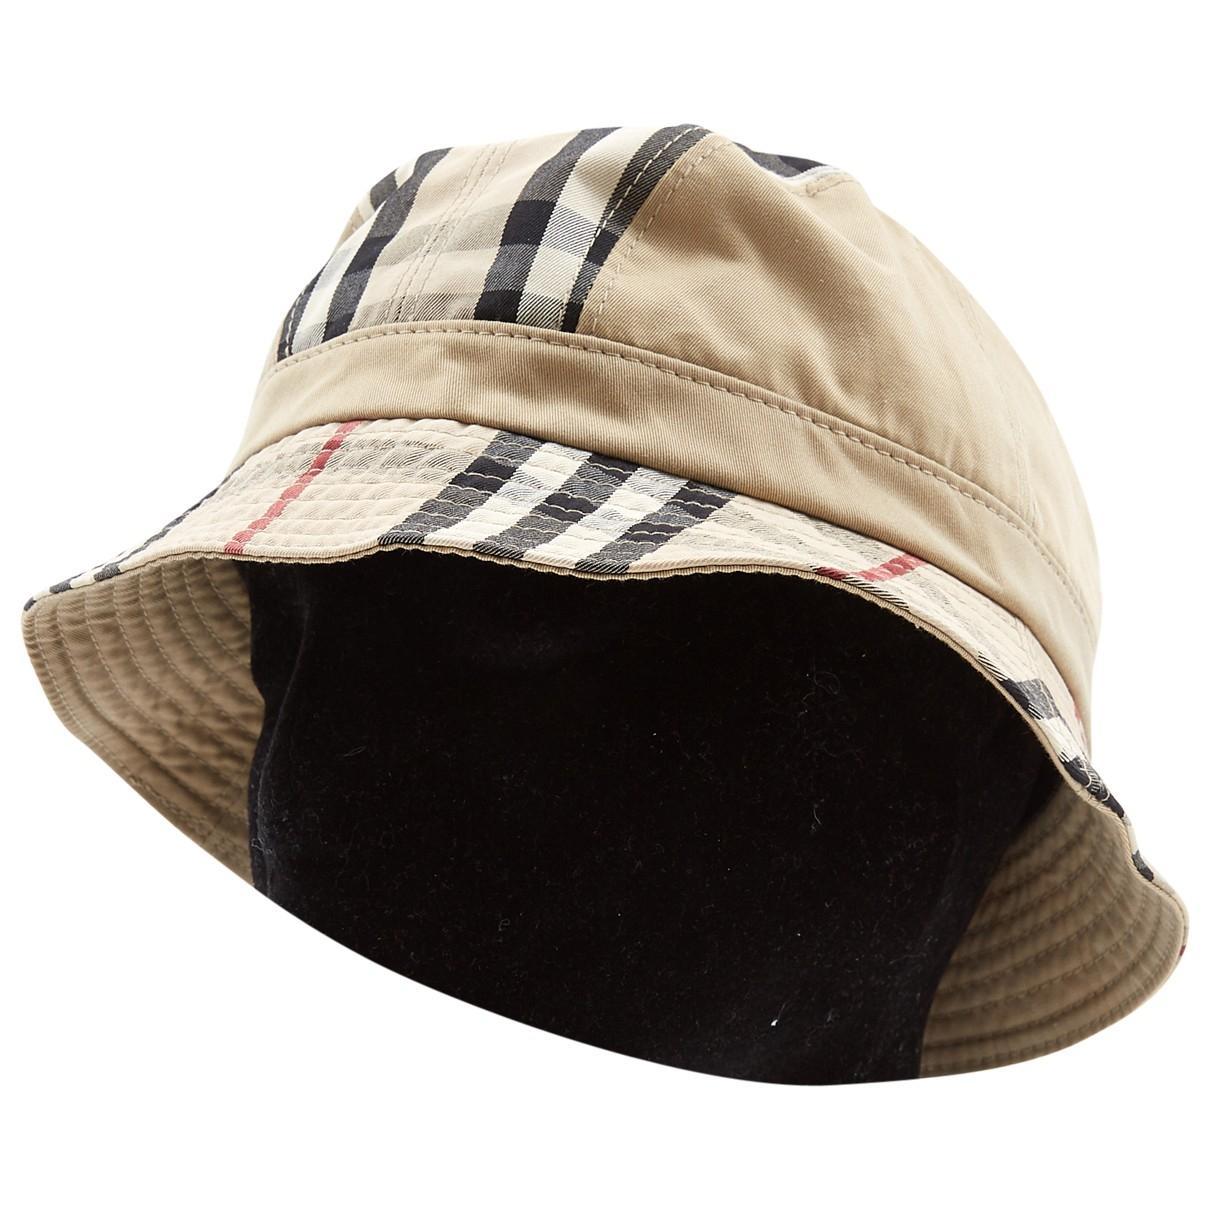 388c6473dec Burberry. Women s Multicolour Cotton Hats.  247  206 From Vestiaire  Collective